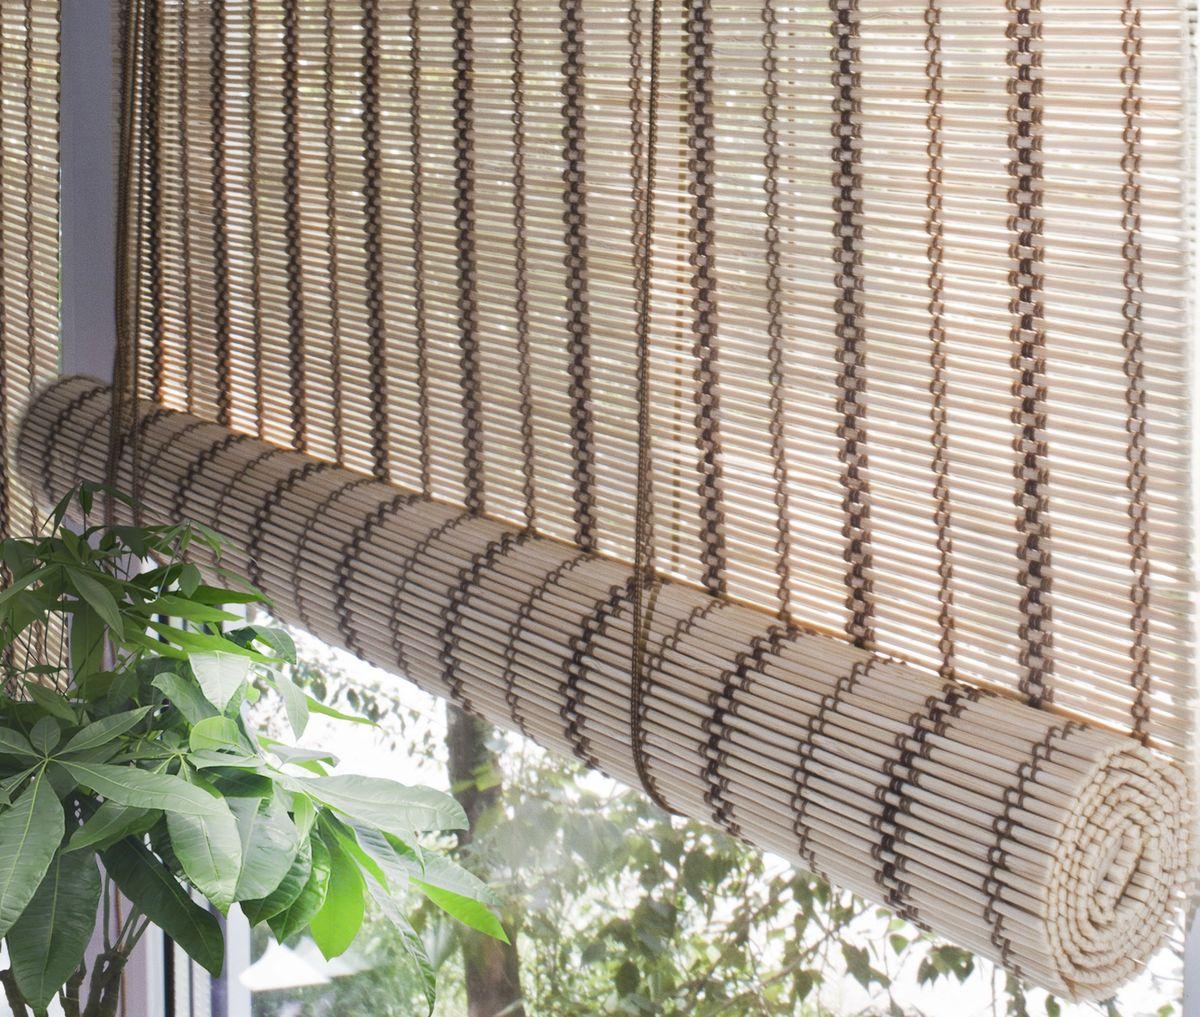 Штора рулонная Эскар Бамбук, цвет: золотой беж, ширина 160 см, высота 160 смMW-3101При оформлении интерьера современных помещений многие отдают предпочтение природным материалам. Бамбуковые рулонные шторы - одно из натуральных изделий, способное сделать атмосферу помещения более уютной и в то же время необычной. Свойства бамбука уникальны: он экологически чист, так как быстро вырастает, благодаря чему не успевает накопить вредные вещества из окружающей среды. Кроме того, растение обладает противомикробным и антибактериальным действием. Занавеси из бамбука безопасно использовать в помещениях, где находятся новорожденные дети и люди, склонные к аллергии. Они незаменимы для тех, кто заботится о своем здоровье и уделяет внимание высокому уровню жизни.Бамбуковые рулонные шторы представляют собой полотно, состоящее из тонких бамбуковых стеблей и сворачиваемое в рулон.Римские бамбуковые шторы, как и тканевые римские шторы, при поднятии образуют крупные складки, которые прекрасно декорируют окно.Особенность устройства полотна позволяет свободно пропускать дневной свет, что обеспечивает мягкое освещение комнаты. Это натуральный влагостойкий материал, который легко вписывается в любой интерьер, хорошо сочетается с различной мебелью и элементами отделки. Использование бамбукового полотна придает помещению необычный вид и визуально расширяет пространство.Помимо внешней красоты, это еще и очень удобные конструкции, экономящие пространство. Изготавливаются они из специальных материалов, устойчивых к внешним воздействиям. Сама штора очень эргономичная, и позволяет изменять визуально пространство в зависимости от потребностей владельца.